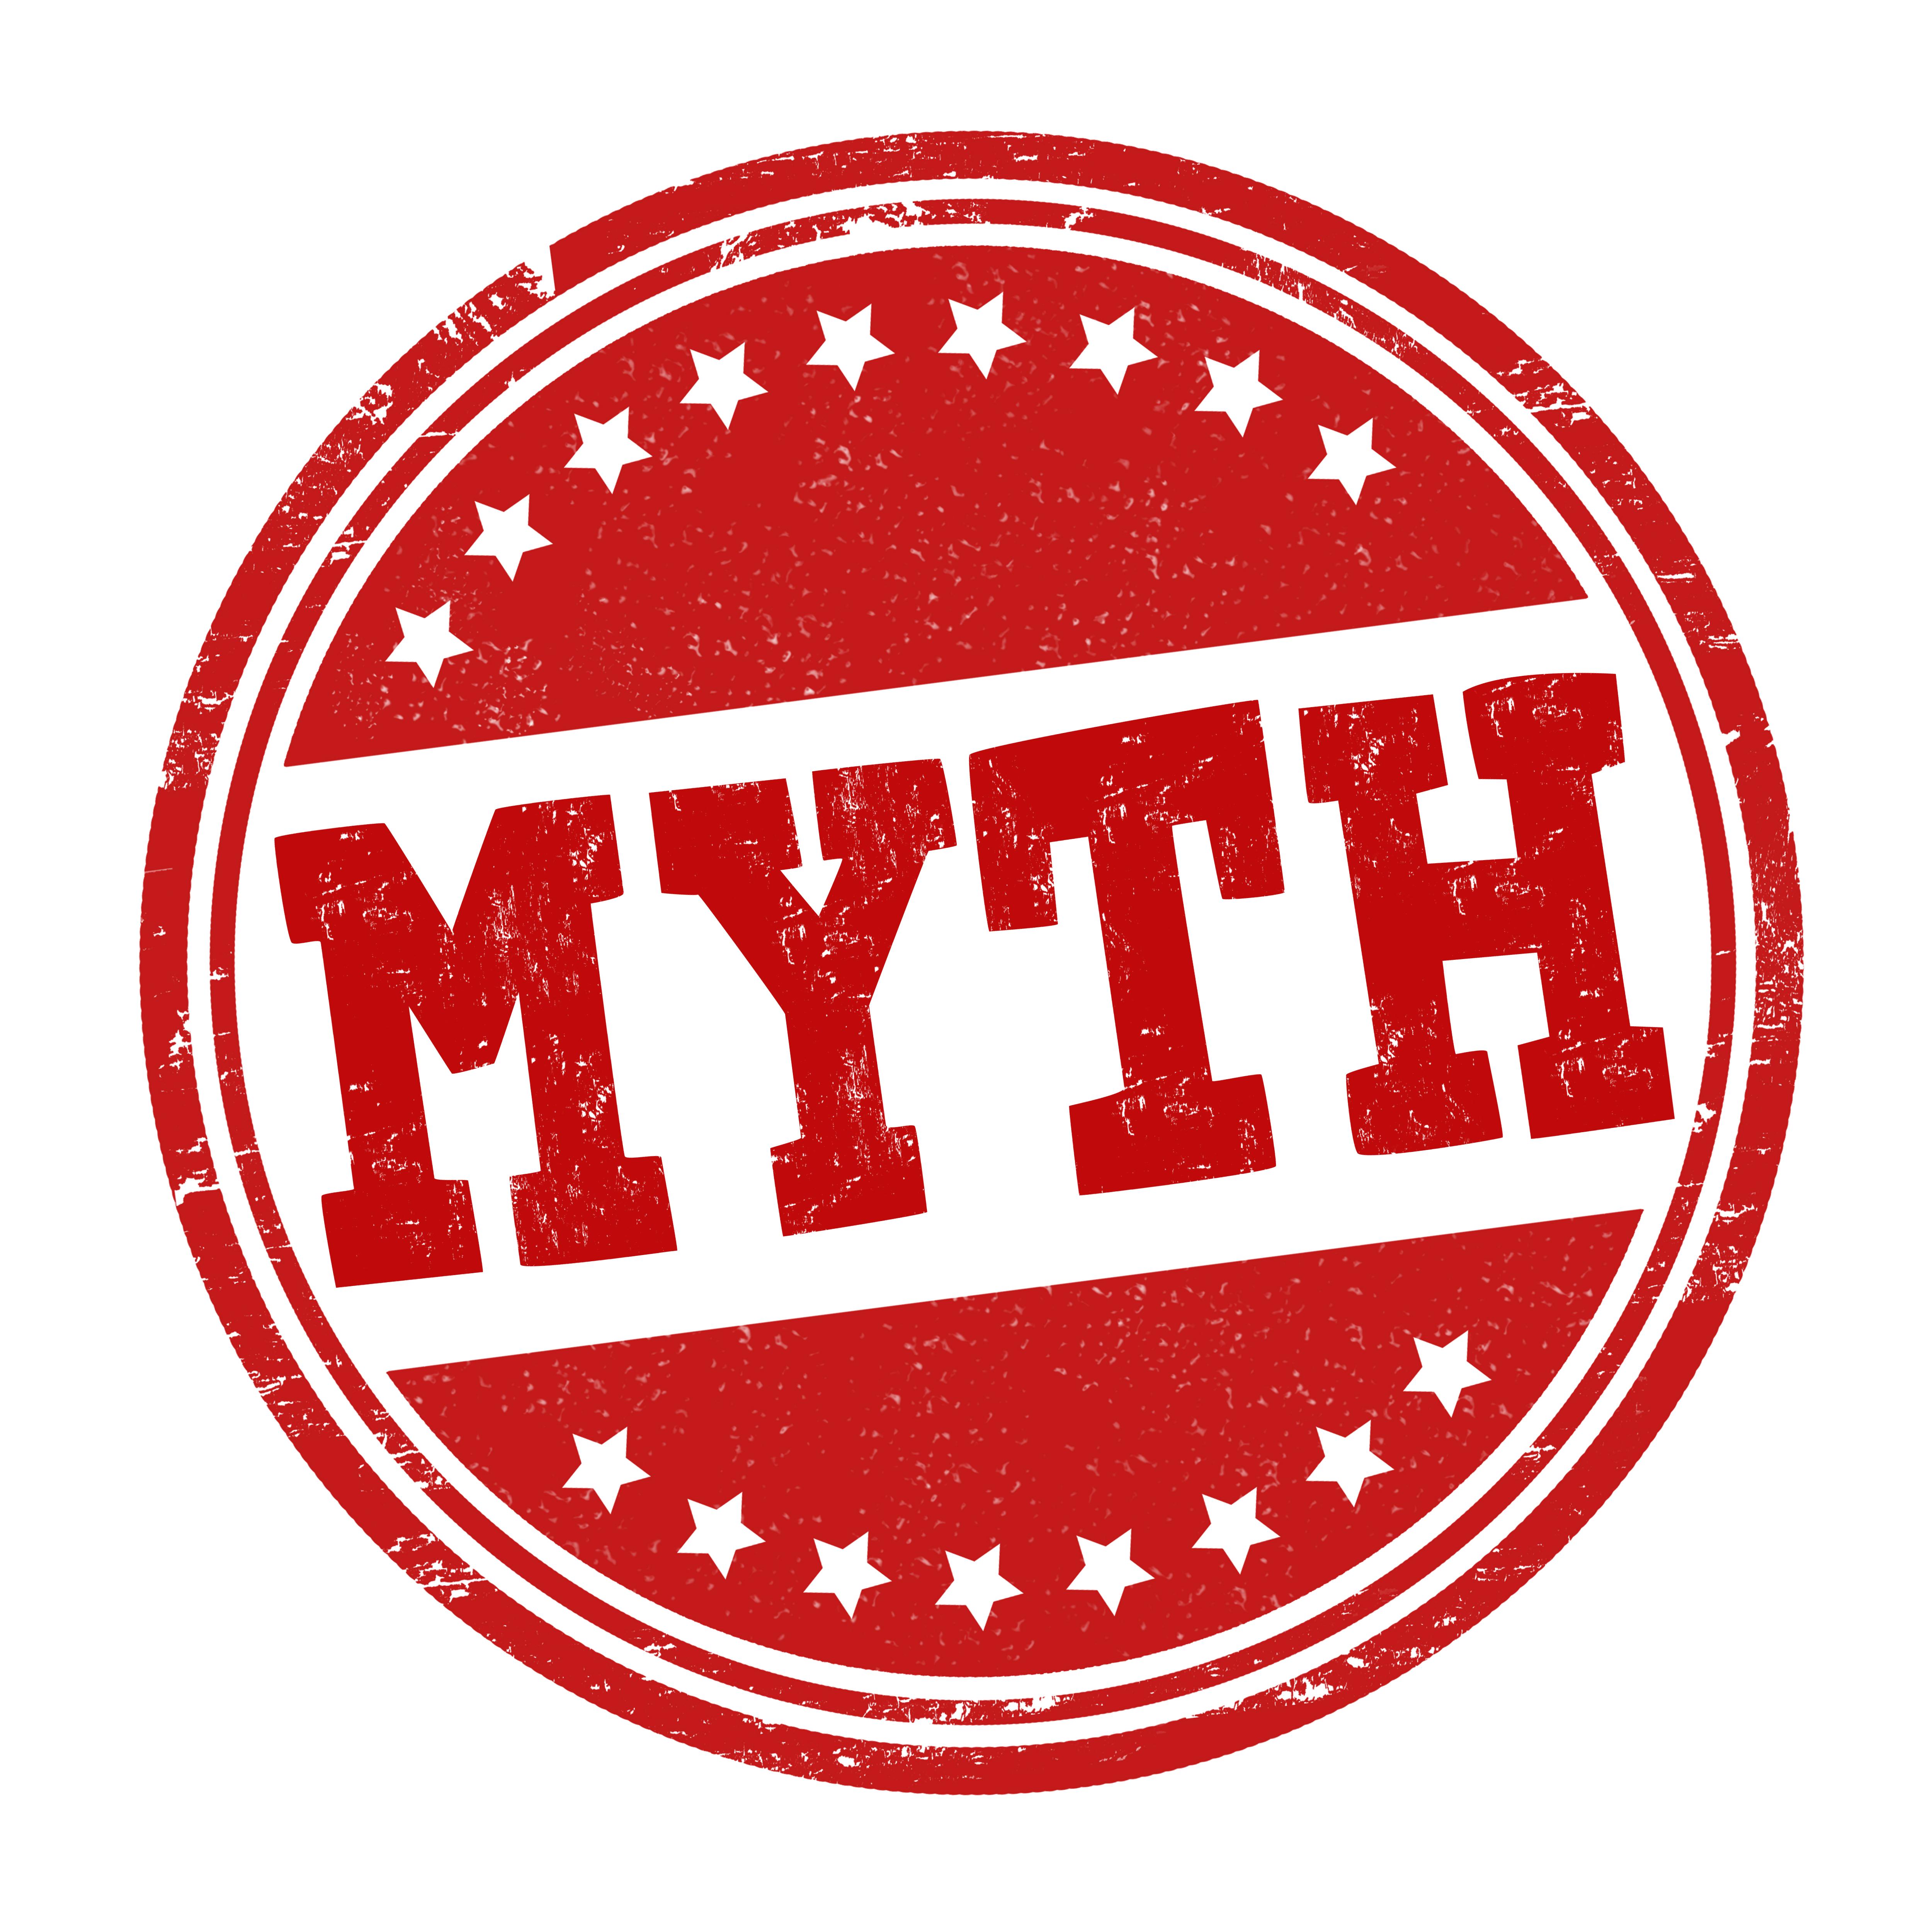 myth | Euro Palace Casino Blog